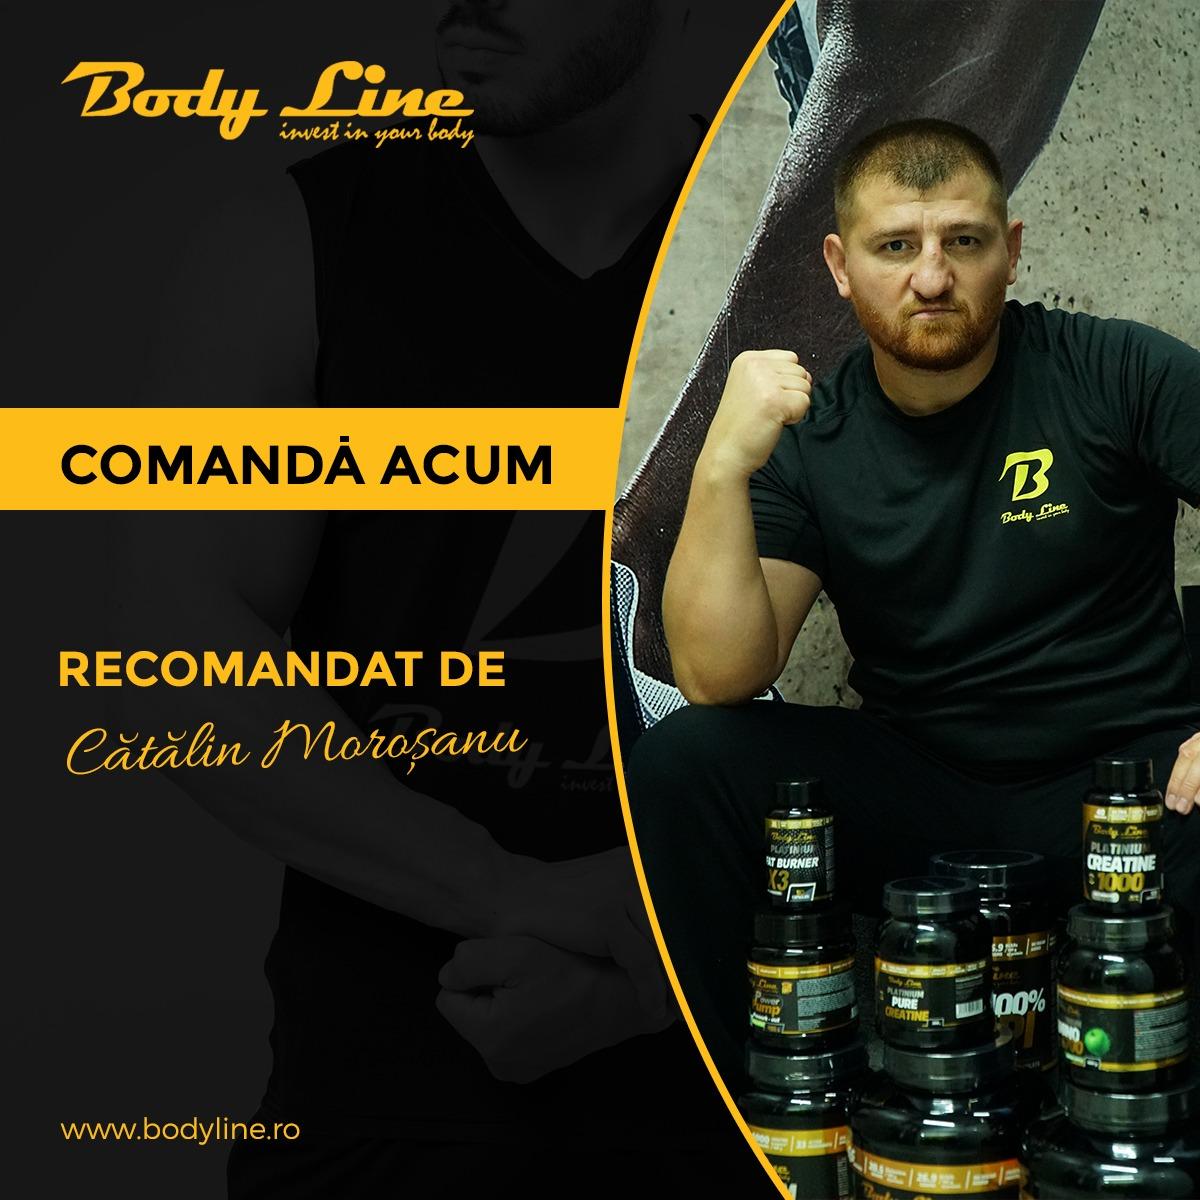 SUPLIMENTE NUTRITIVE BODY LINE RECOMANDATE DE CATALIN MOROSANU